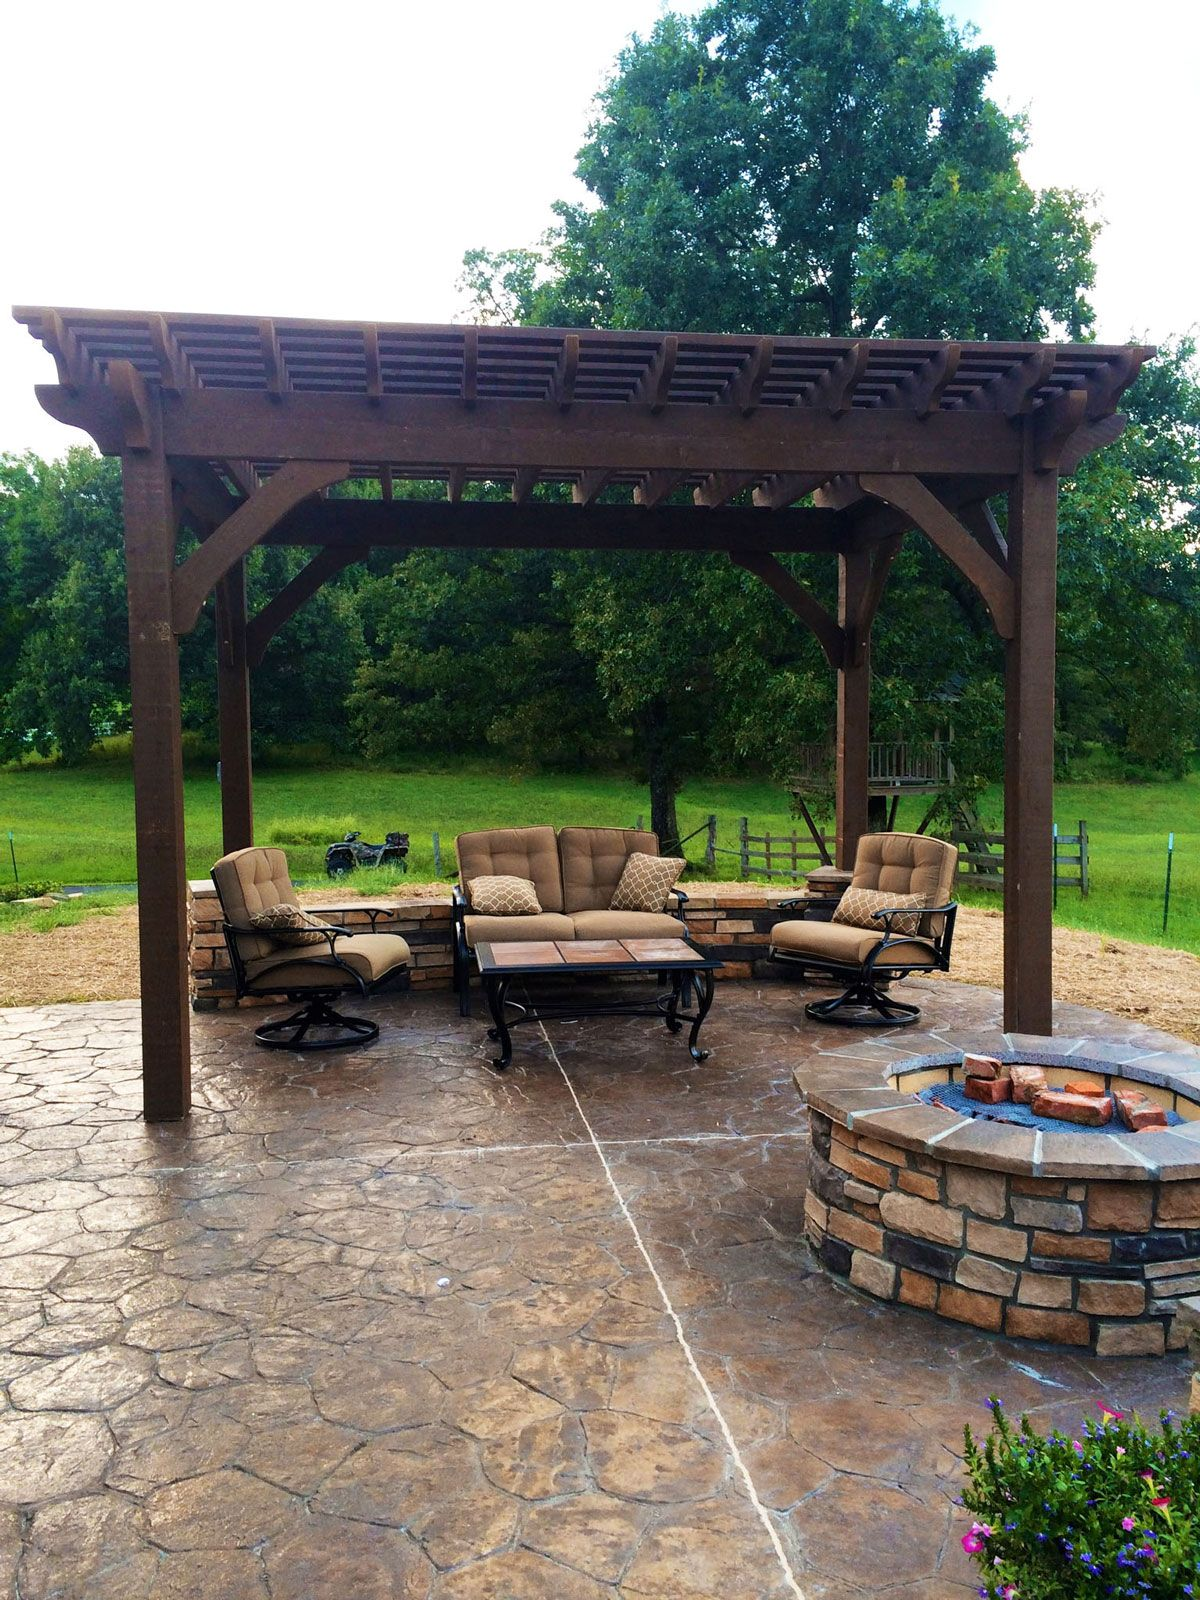 Easy install 10 14 cedar diy pergola kit outdoor